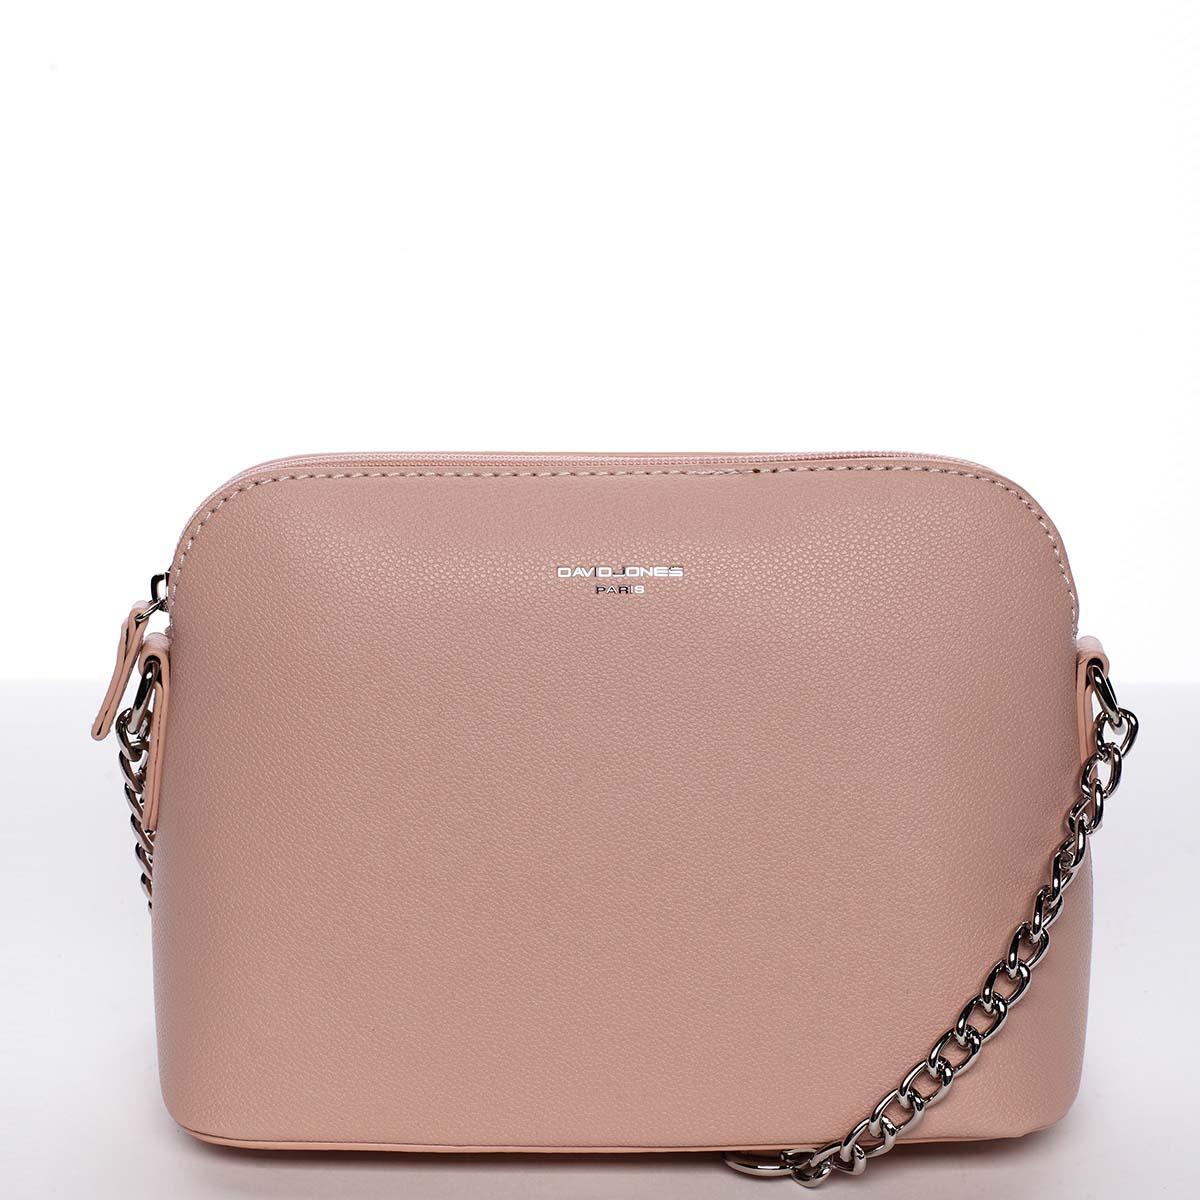 Osobitá a elegantní dámská růžová crossbody kabelka - David Jones Milagros